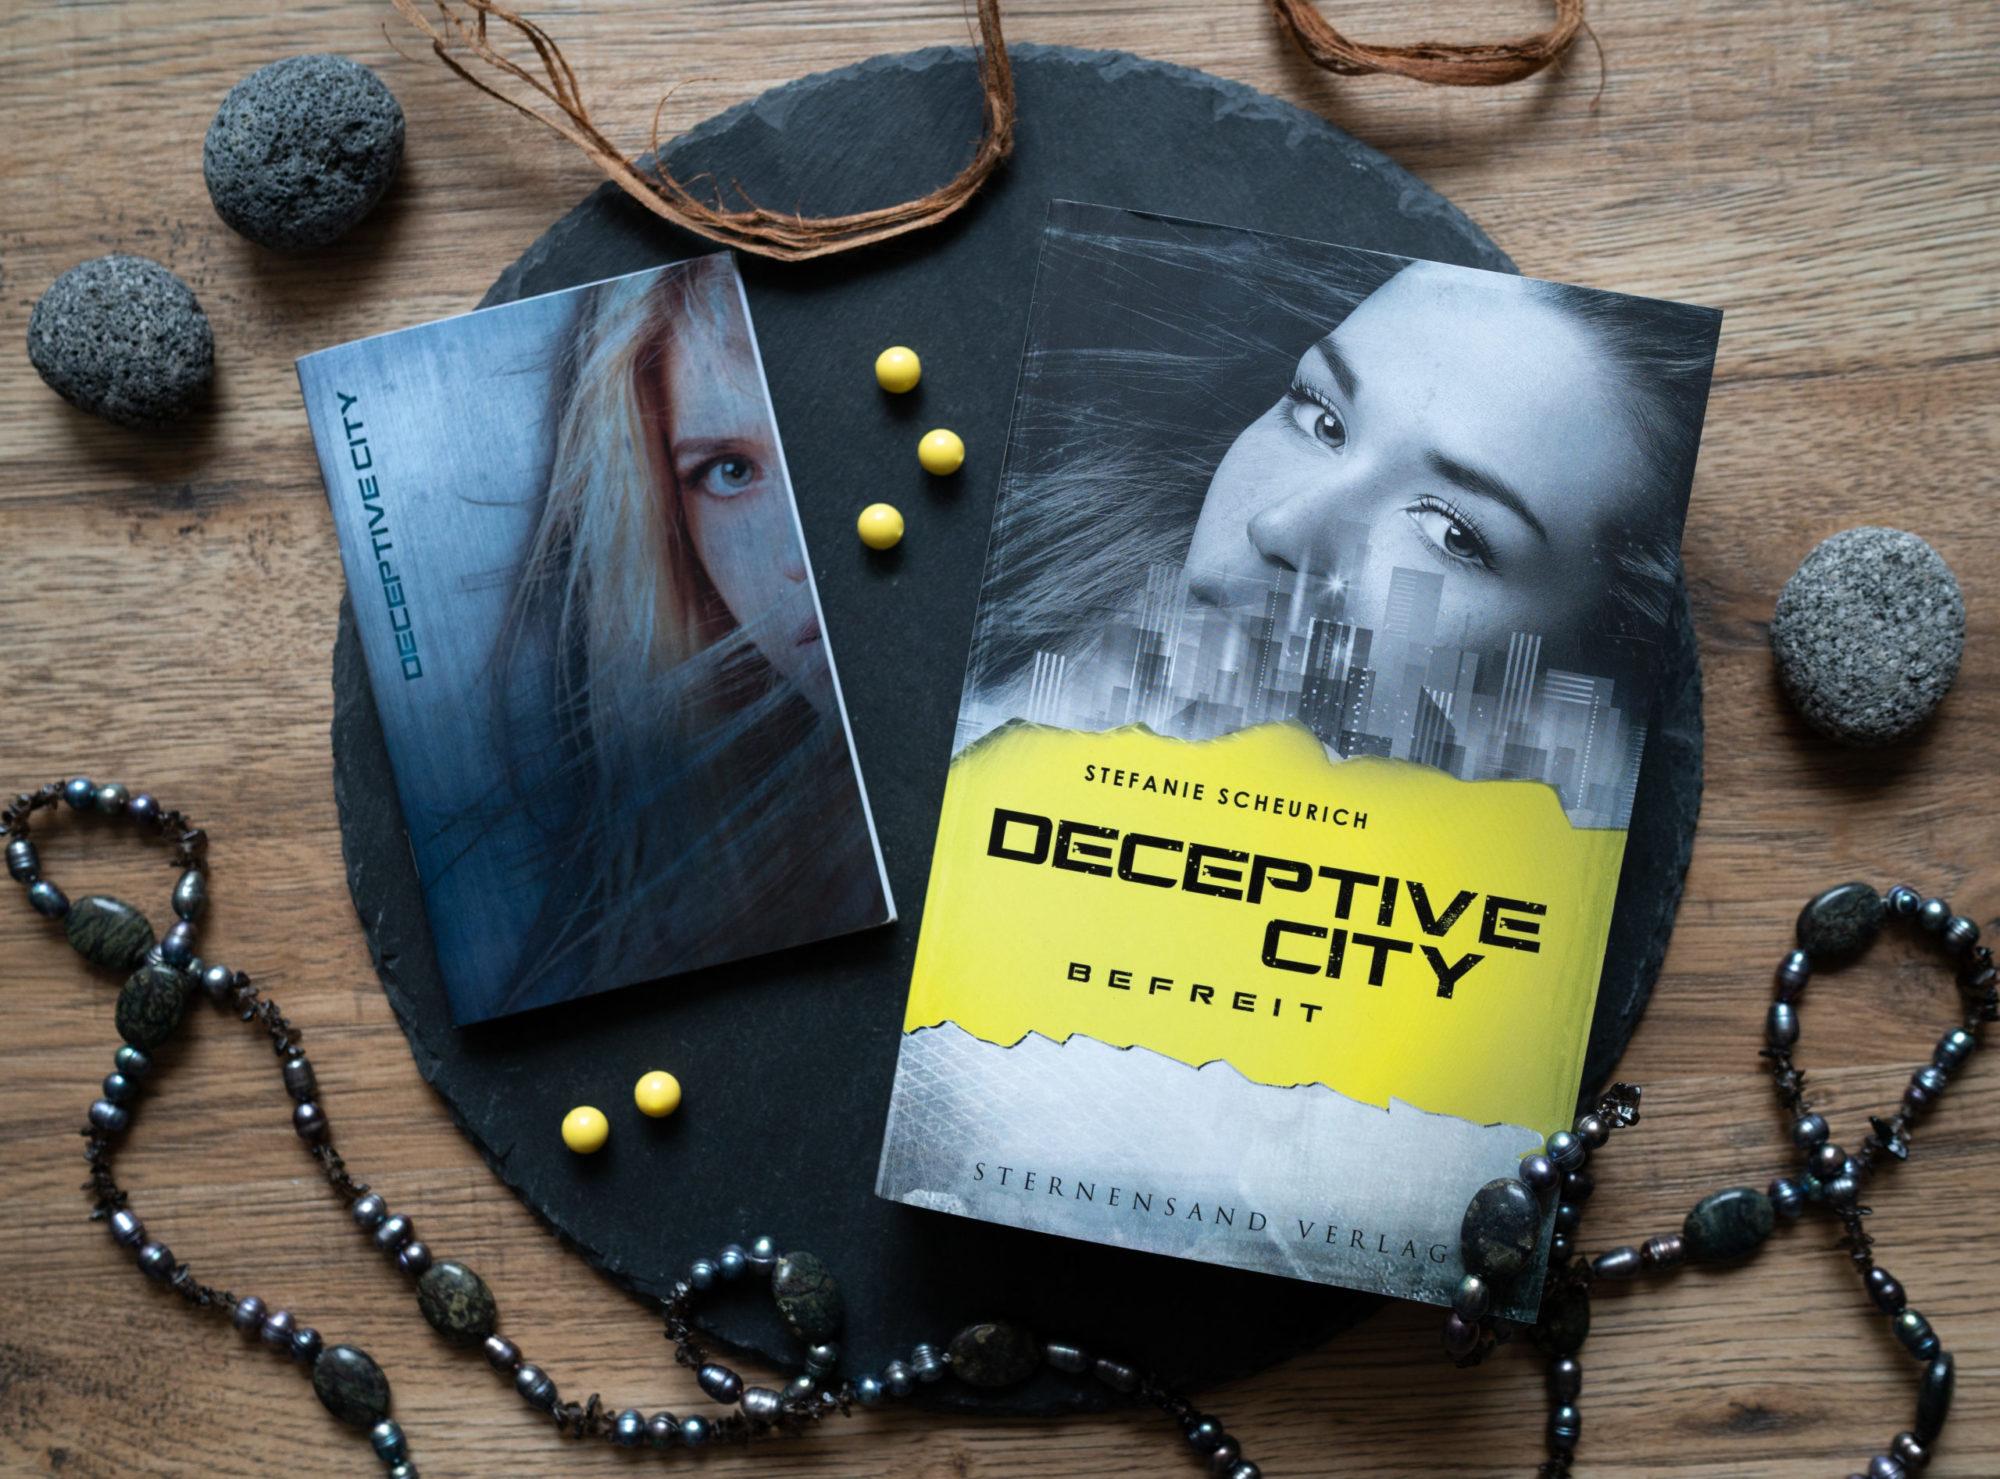 Deceptive City: Befreit – Stefanie Scheurich graphic